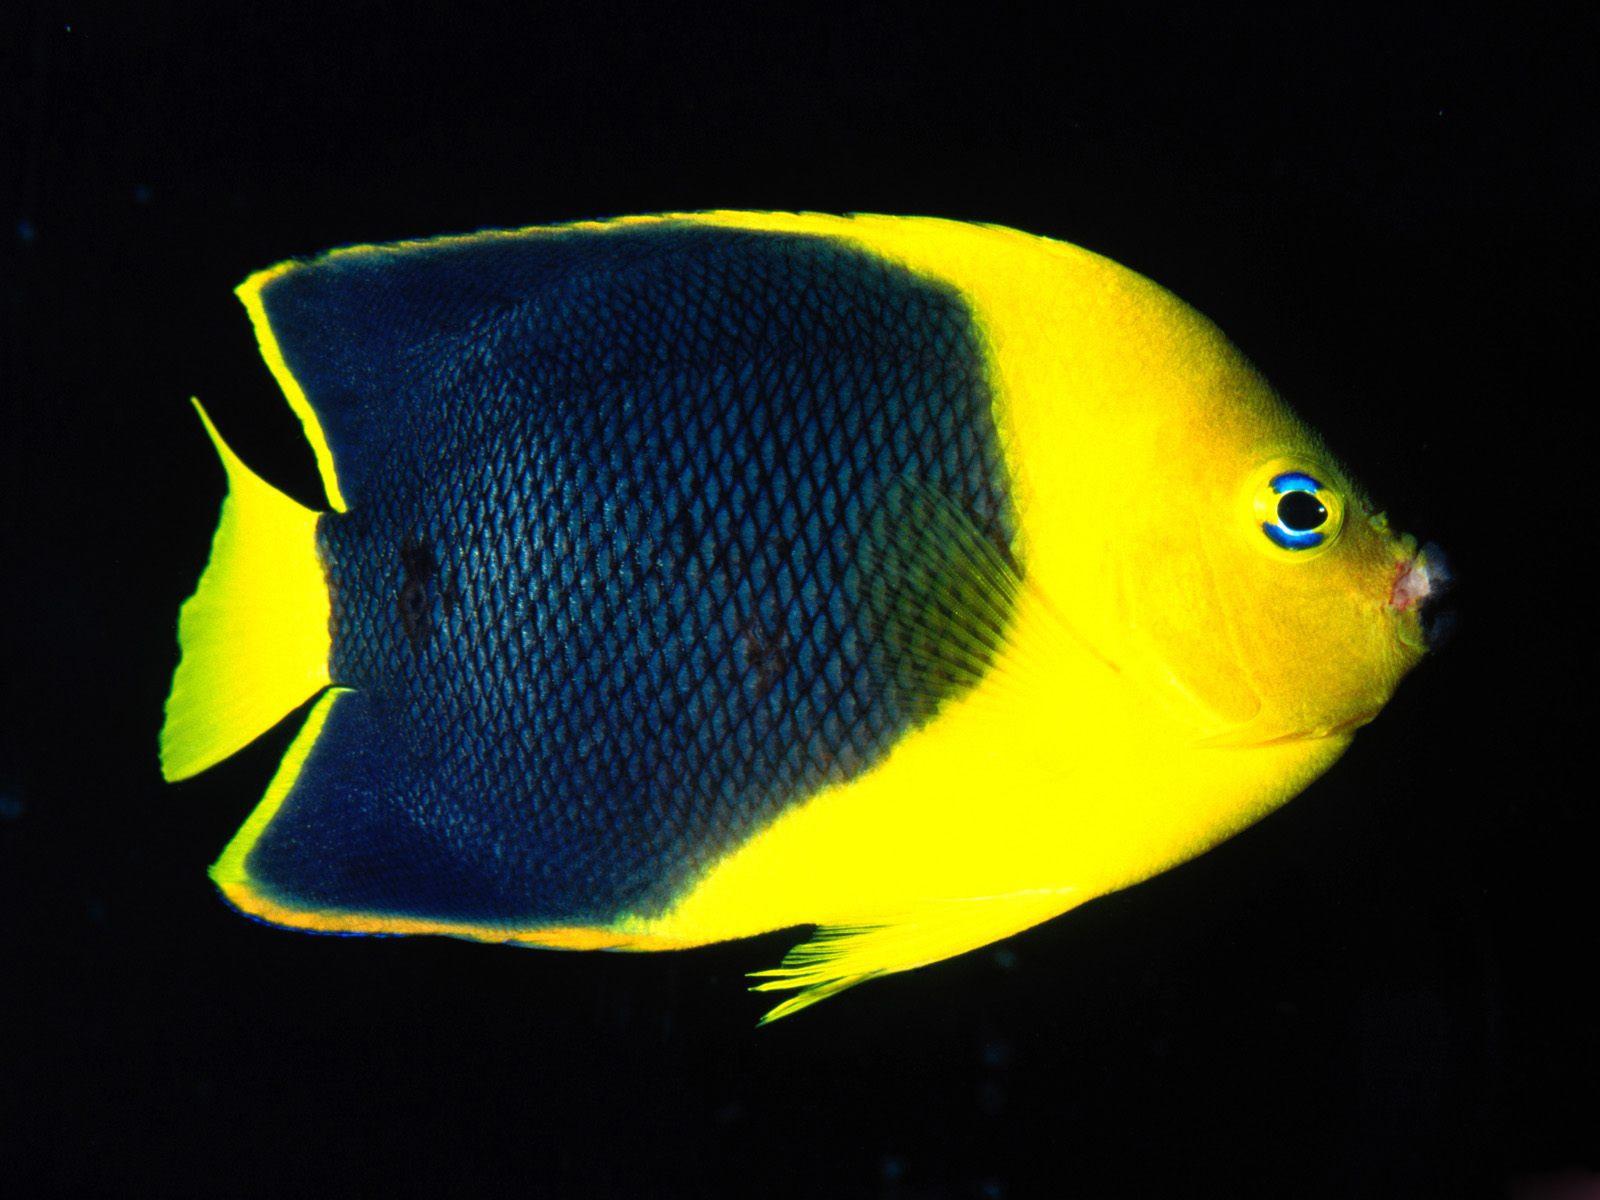 http://3.bp.blogspot.com/-wzd0NV_VvJk/T0cC7nd2QjI/AAAAAAAAABk/S03vN7P8URQ/s1600/Beautiful+Underwater+Wallpaper+%282%29.jpg